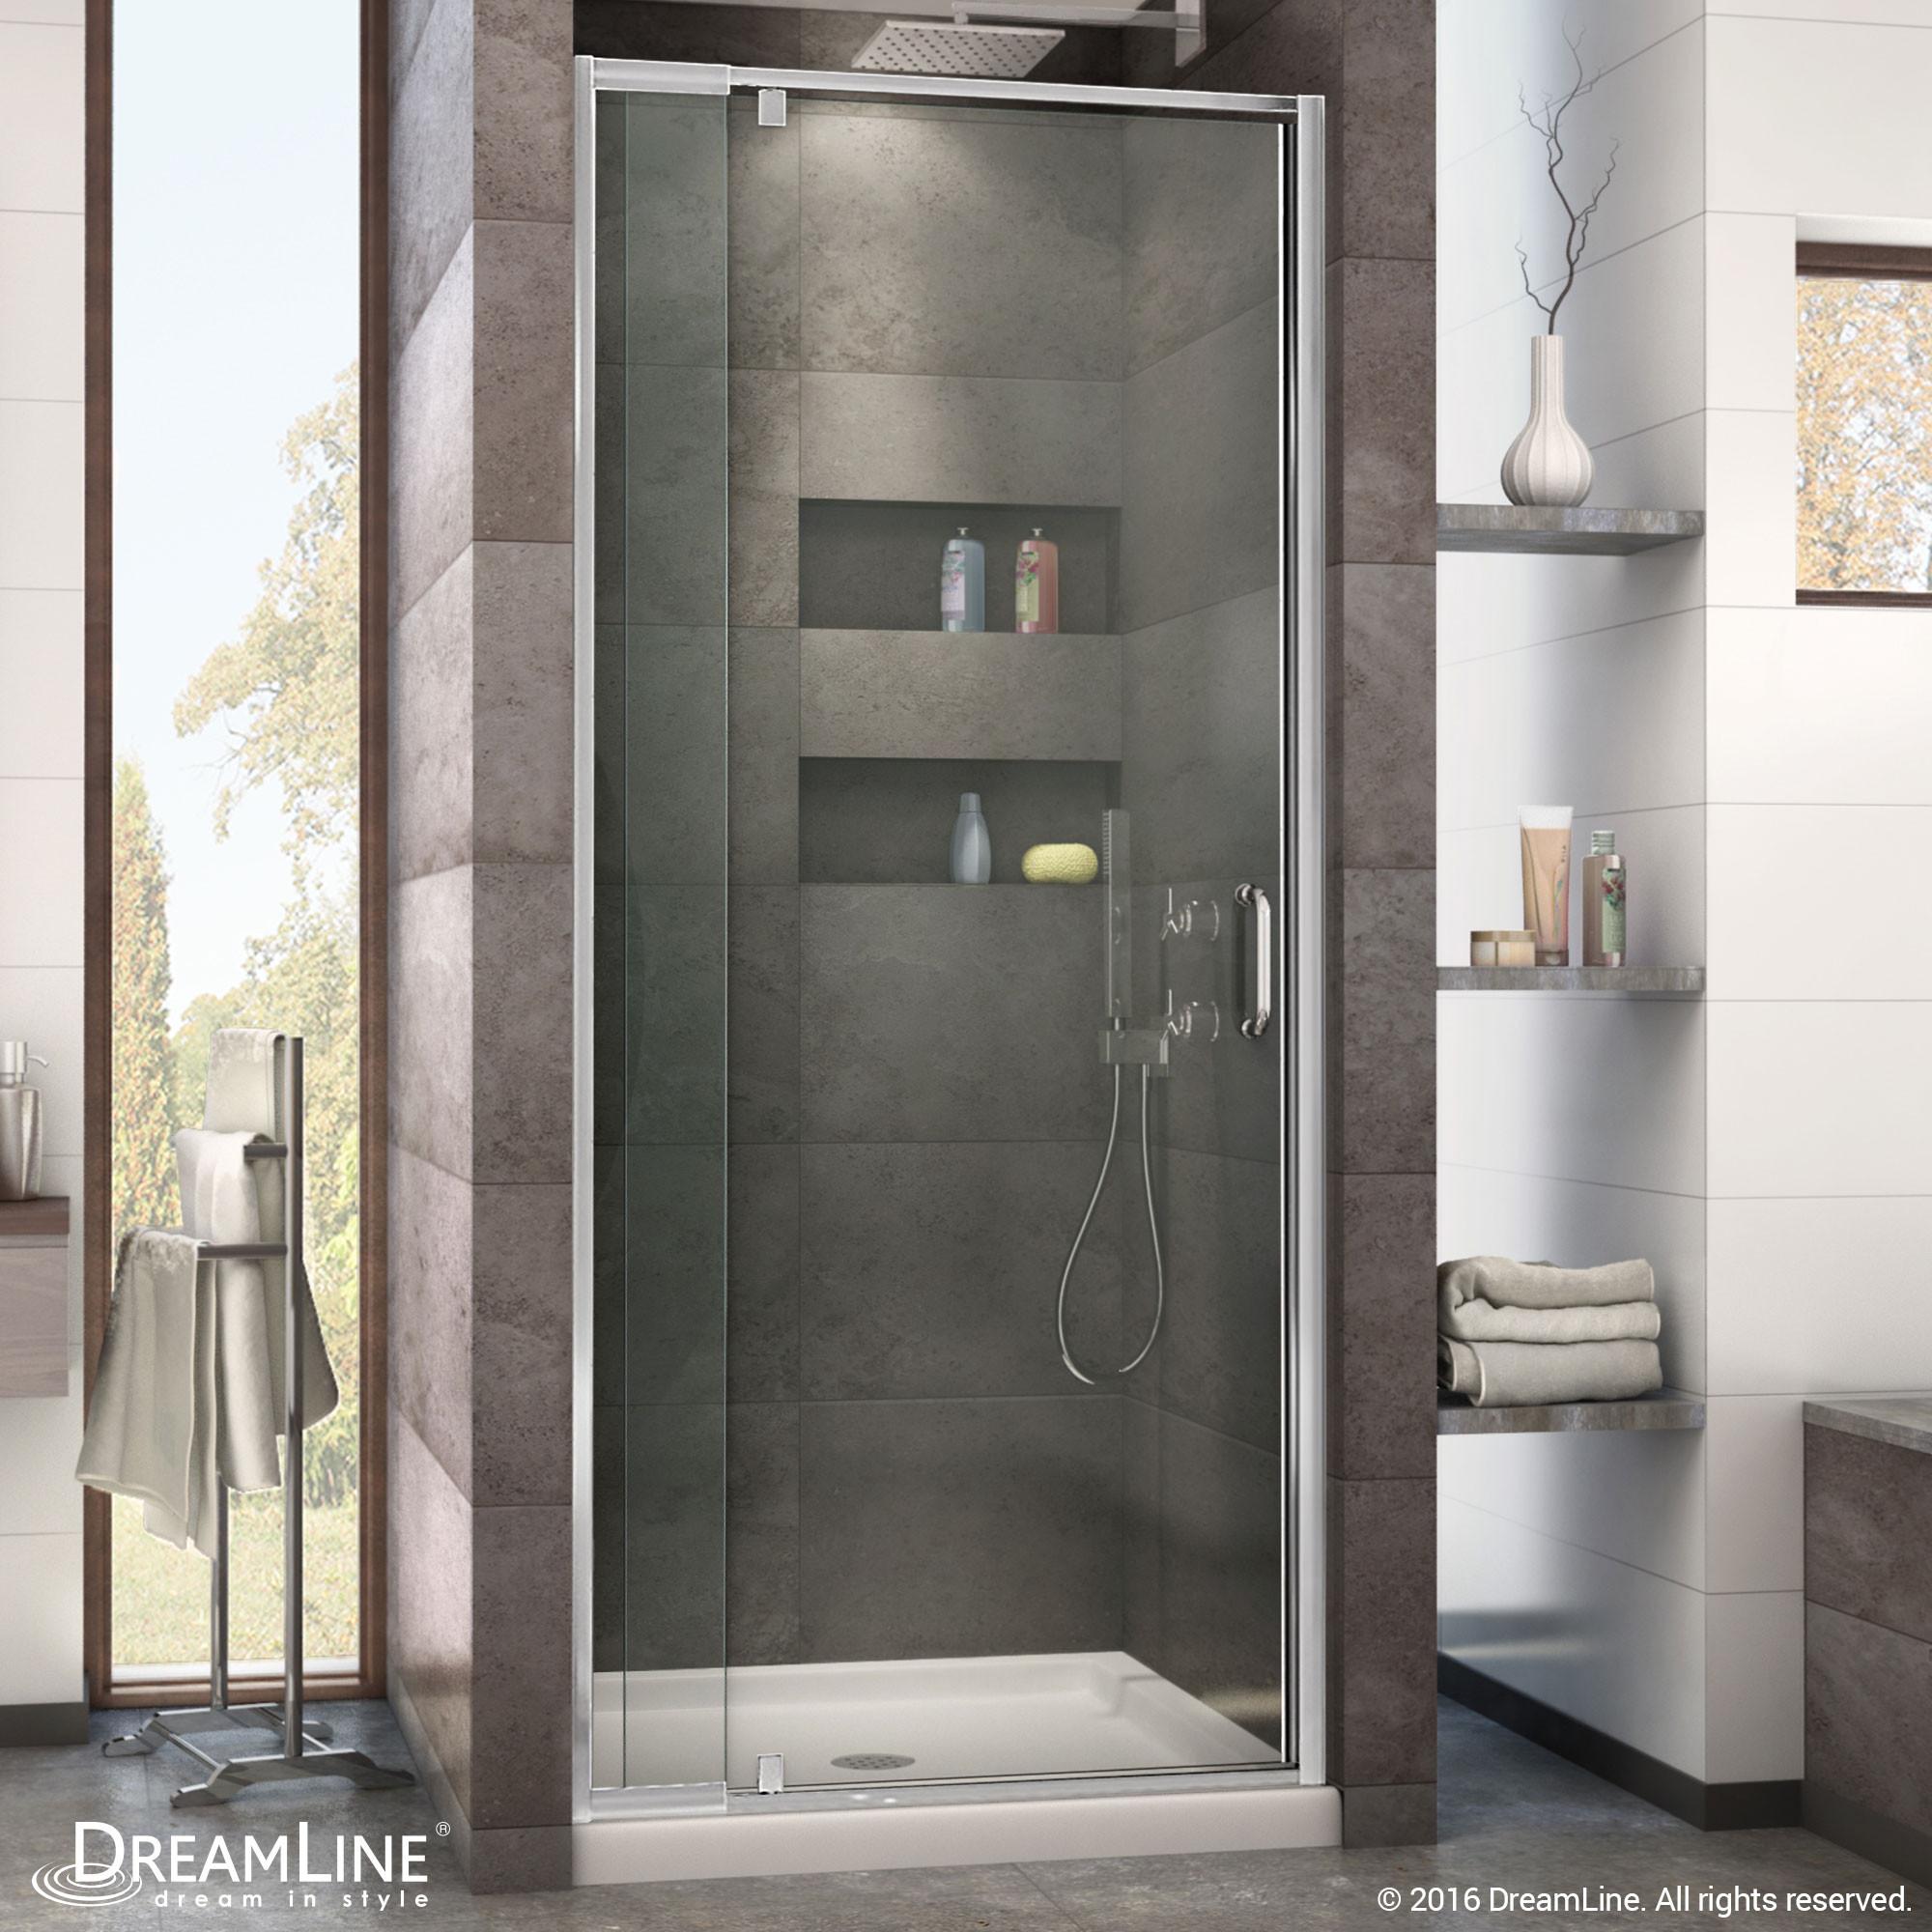 DreamLine DL-6216C-01CL Flex 36-in. Frameless Shower Door and Base Kit, Chrome Hardware